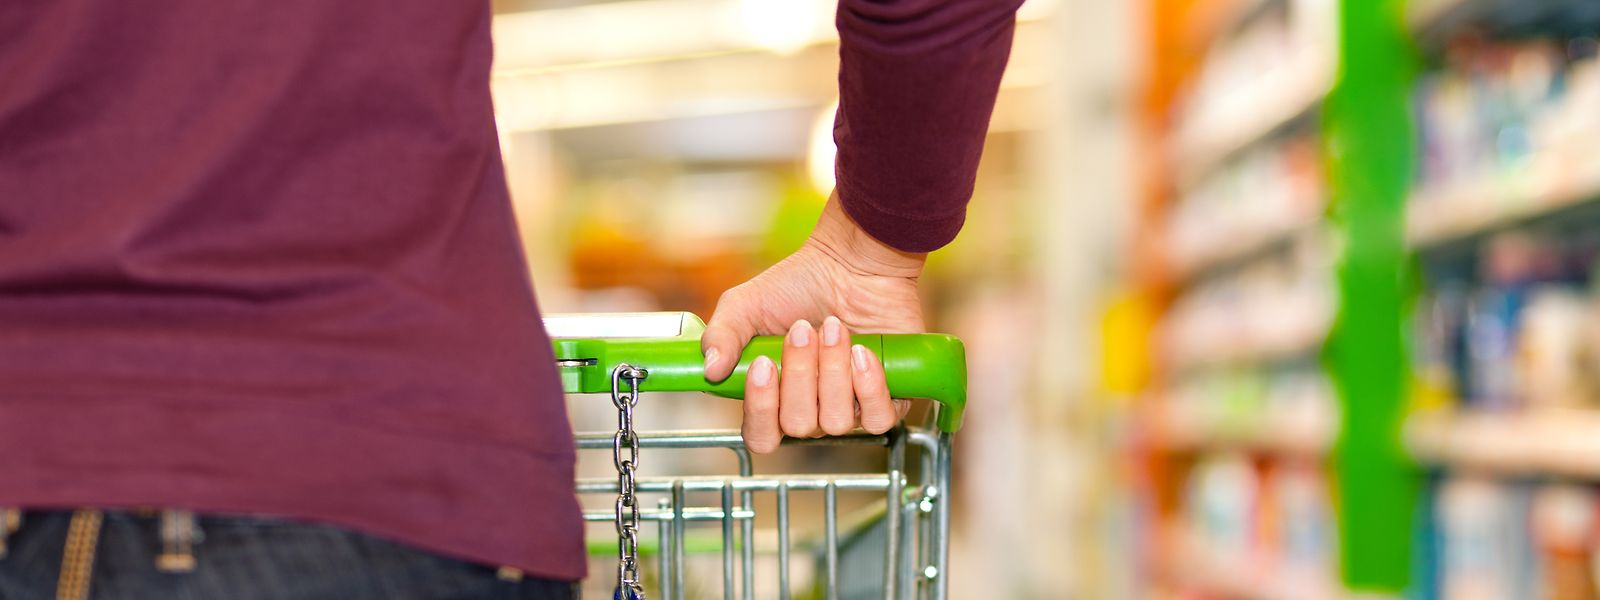 Der Supermarkt ist derzeit nicht der geeignete Ort für einen Familienausflug.